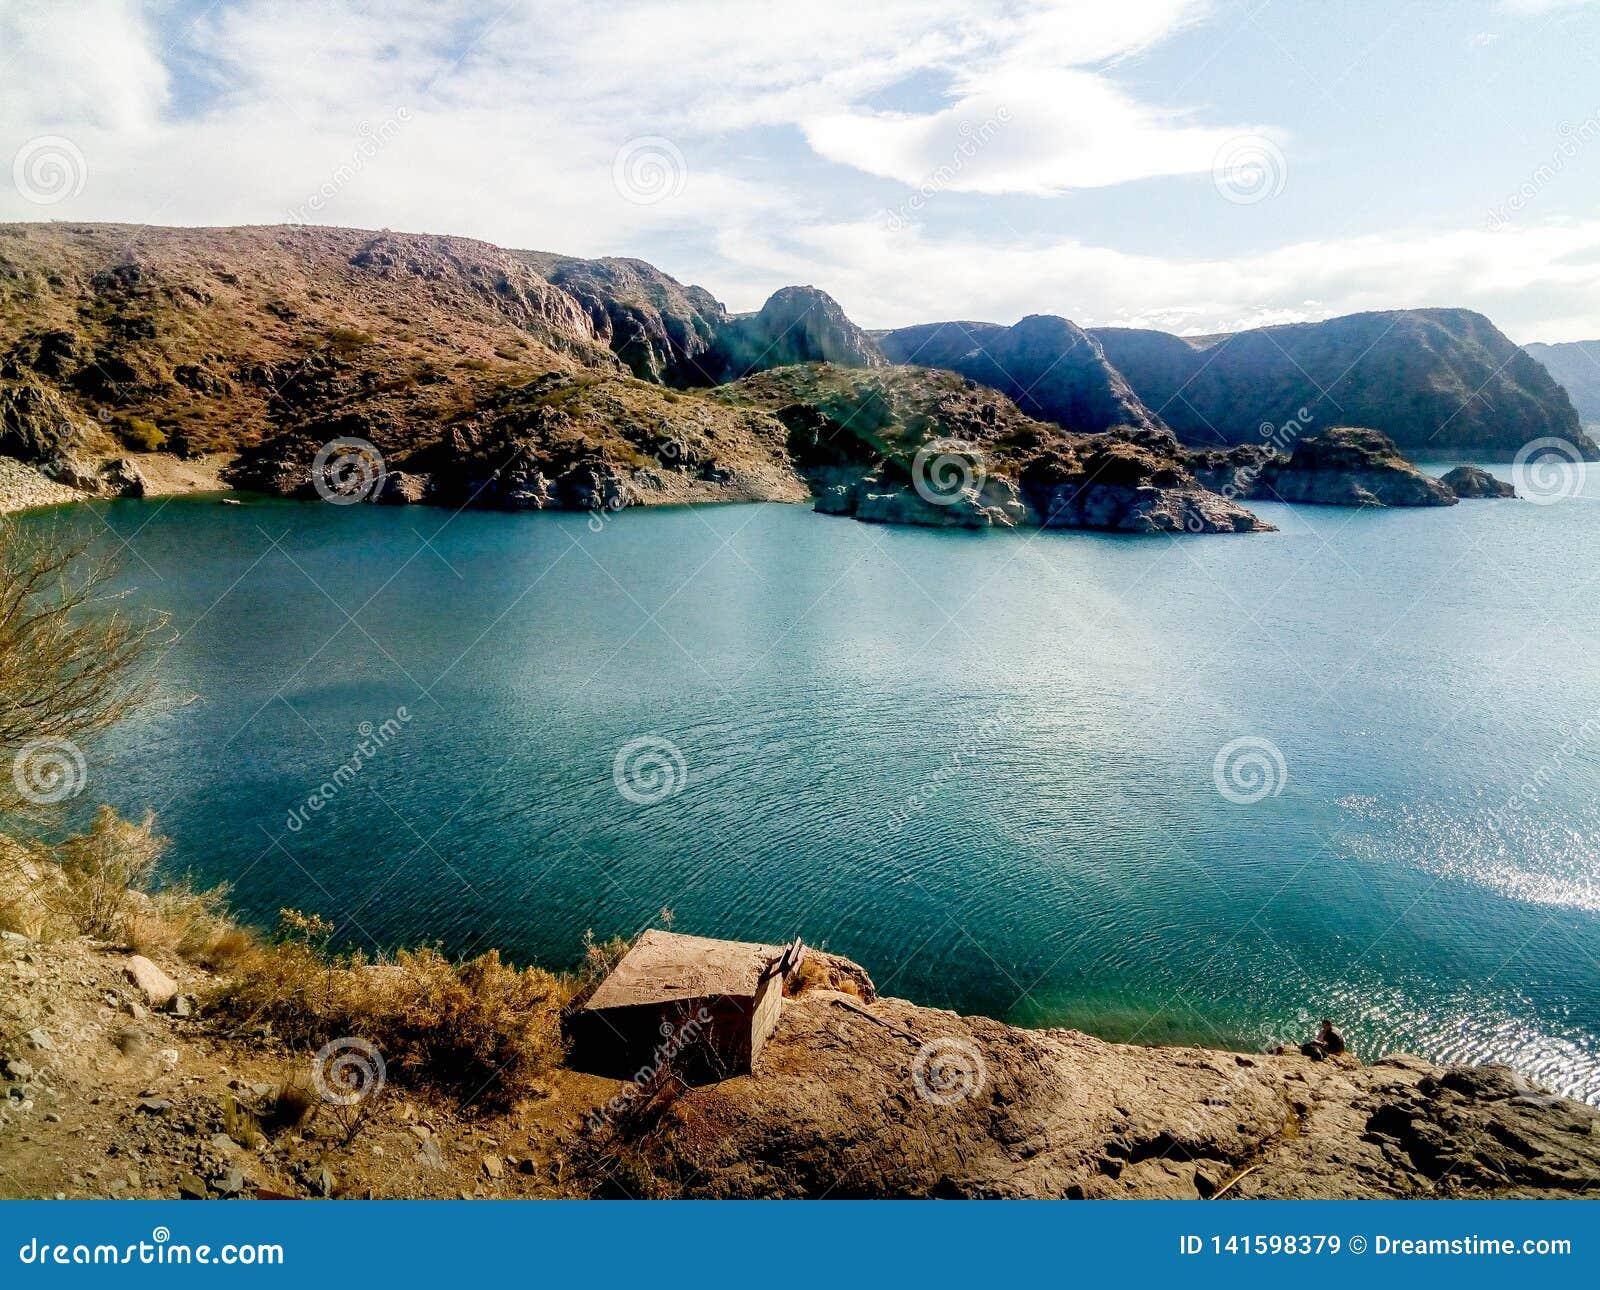 Paysage avec un lac, des montagnes et un ciel clair en Mendoza, Argentine